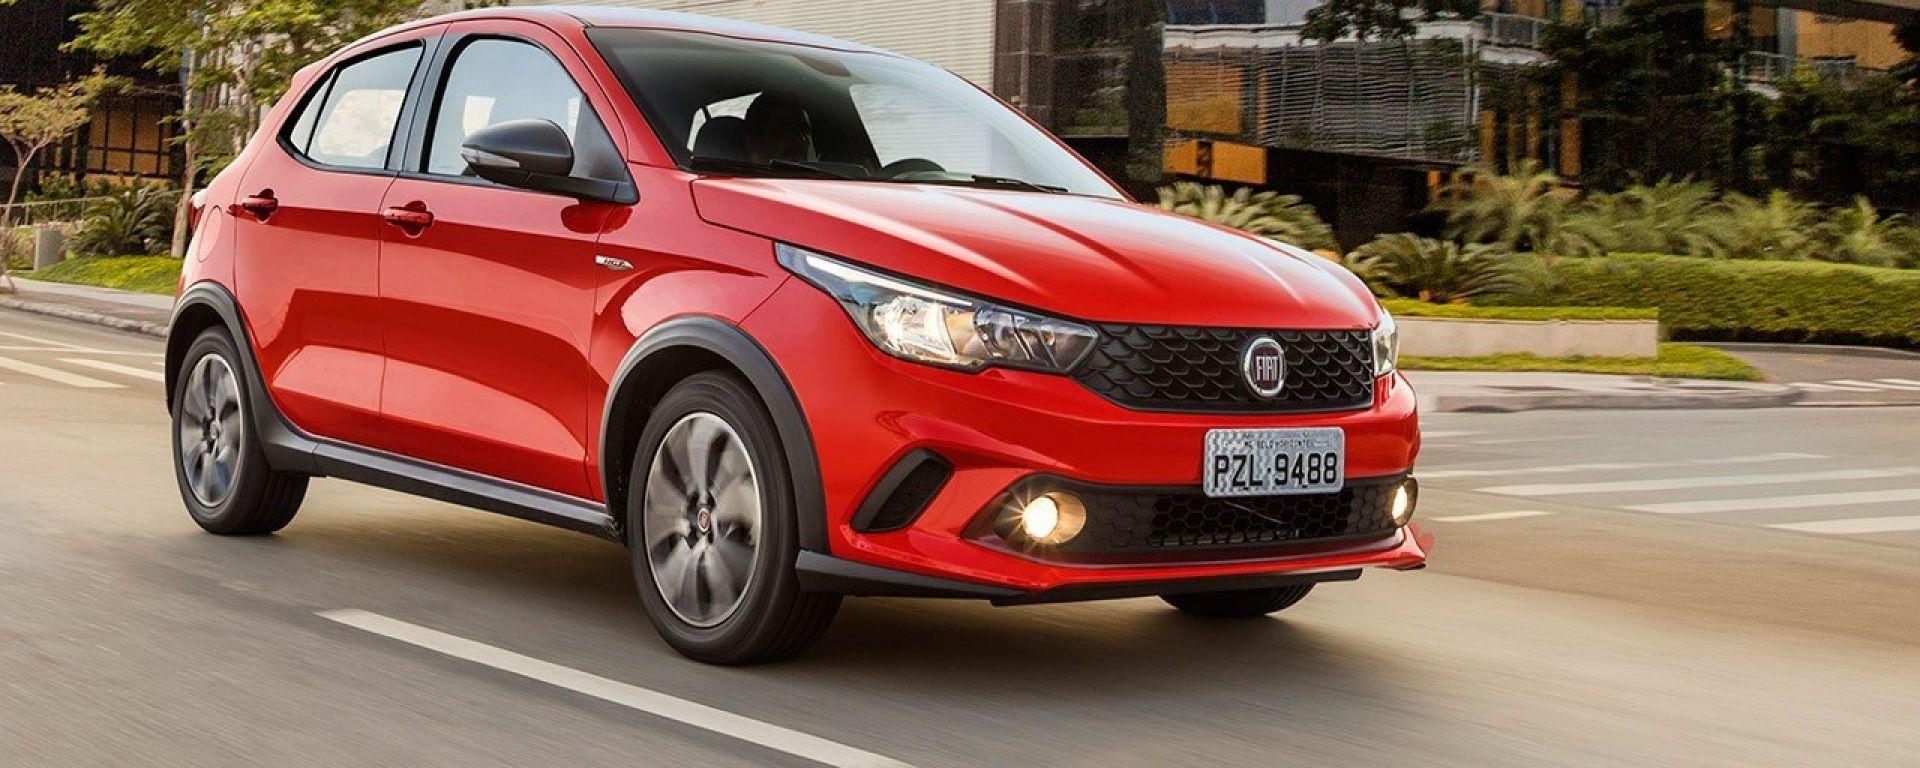 Nuova Fiat Argo: non sarà la nuova Fiat Punto